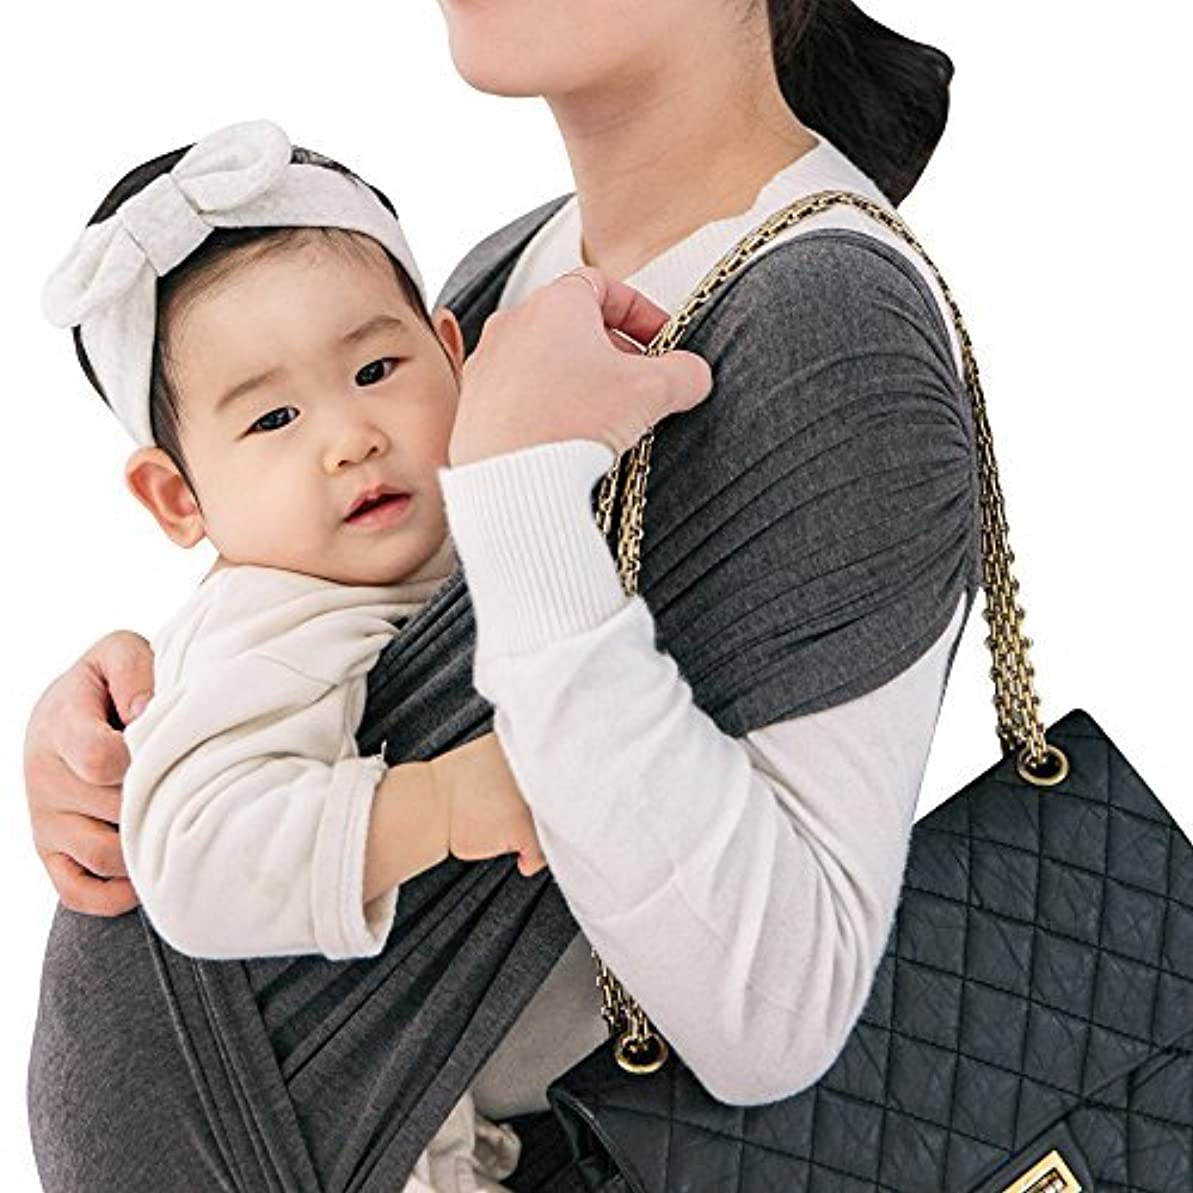 プレビスサイトマージ弱めるCuby ベビースリング ベビーキャリア 抱っこひも 新生児 対象0~2歳 片肩 日本国内安全基準適合品 説明書あり (森)